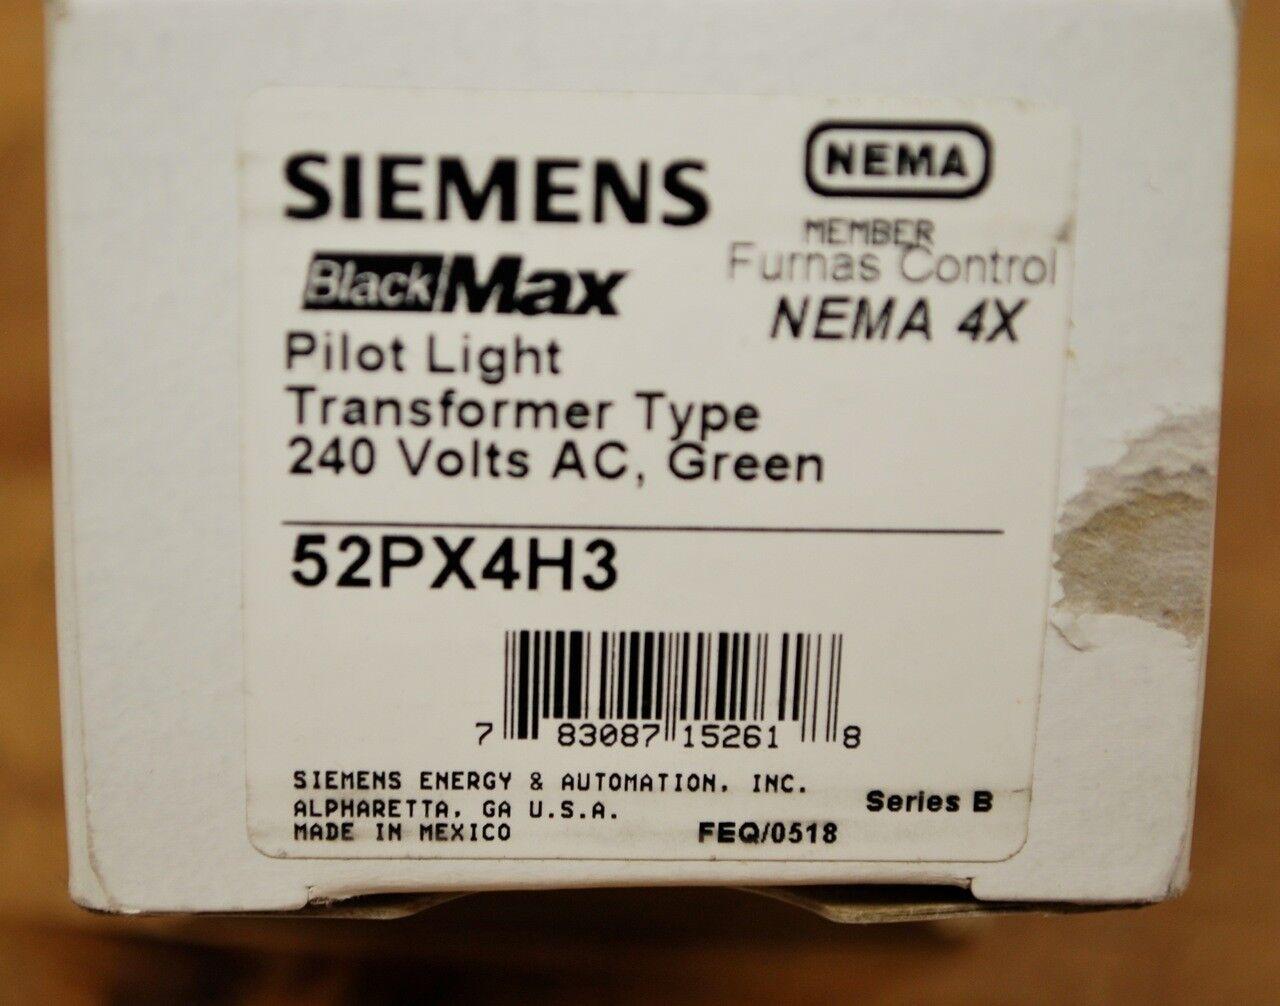 Siemens 52PX4H3 Pilot Light Transformer Type 240 VAC, Series B  Green - NEW